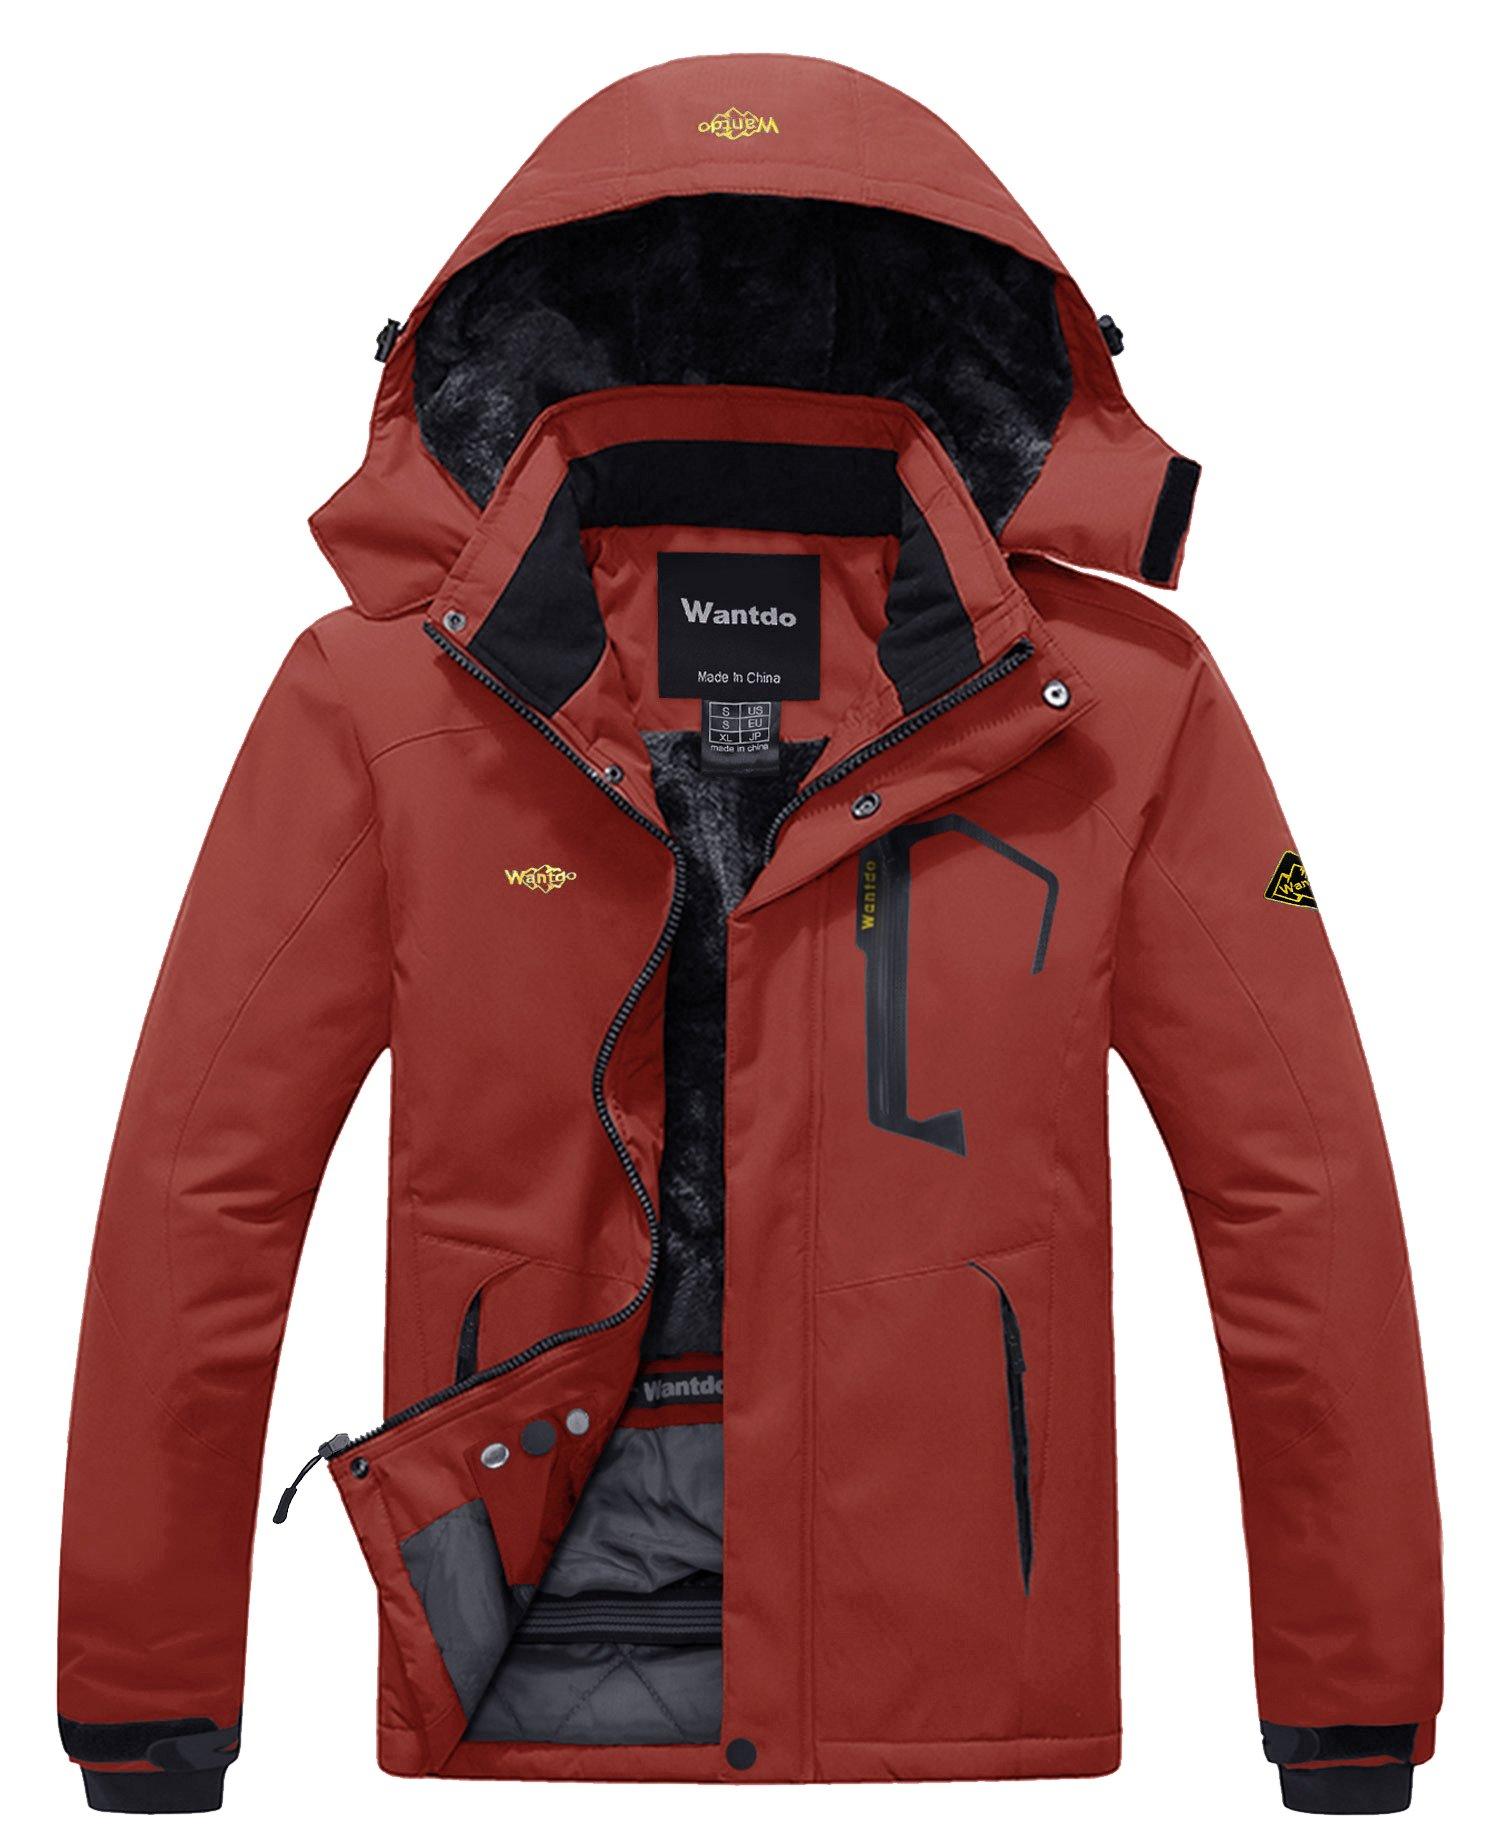 Wantdo Men's Waterproof Fleece Ski Jacket Windproof Rain Jacket Outdoor Jacket Brick Red S